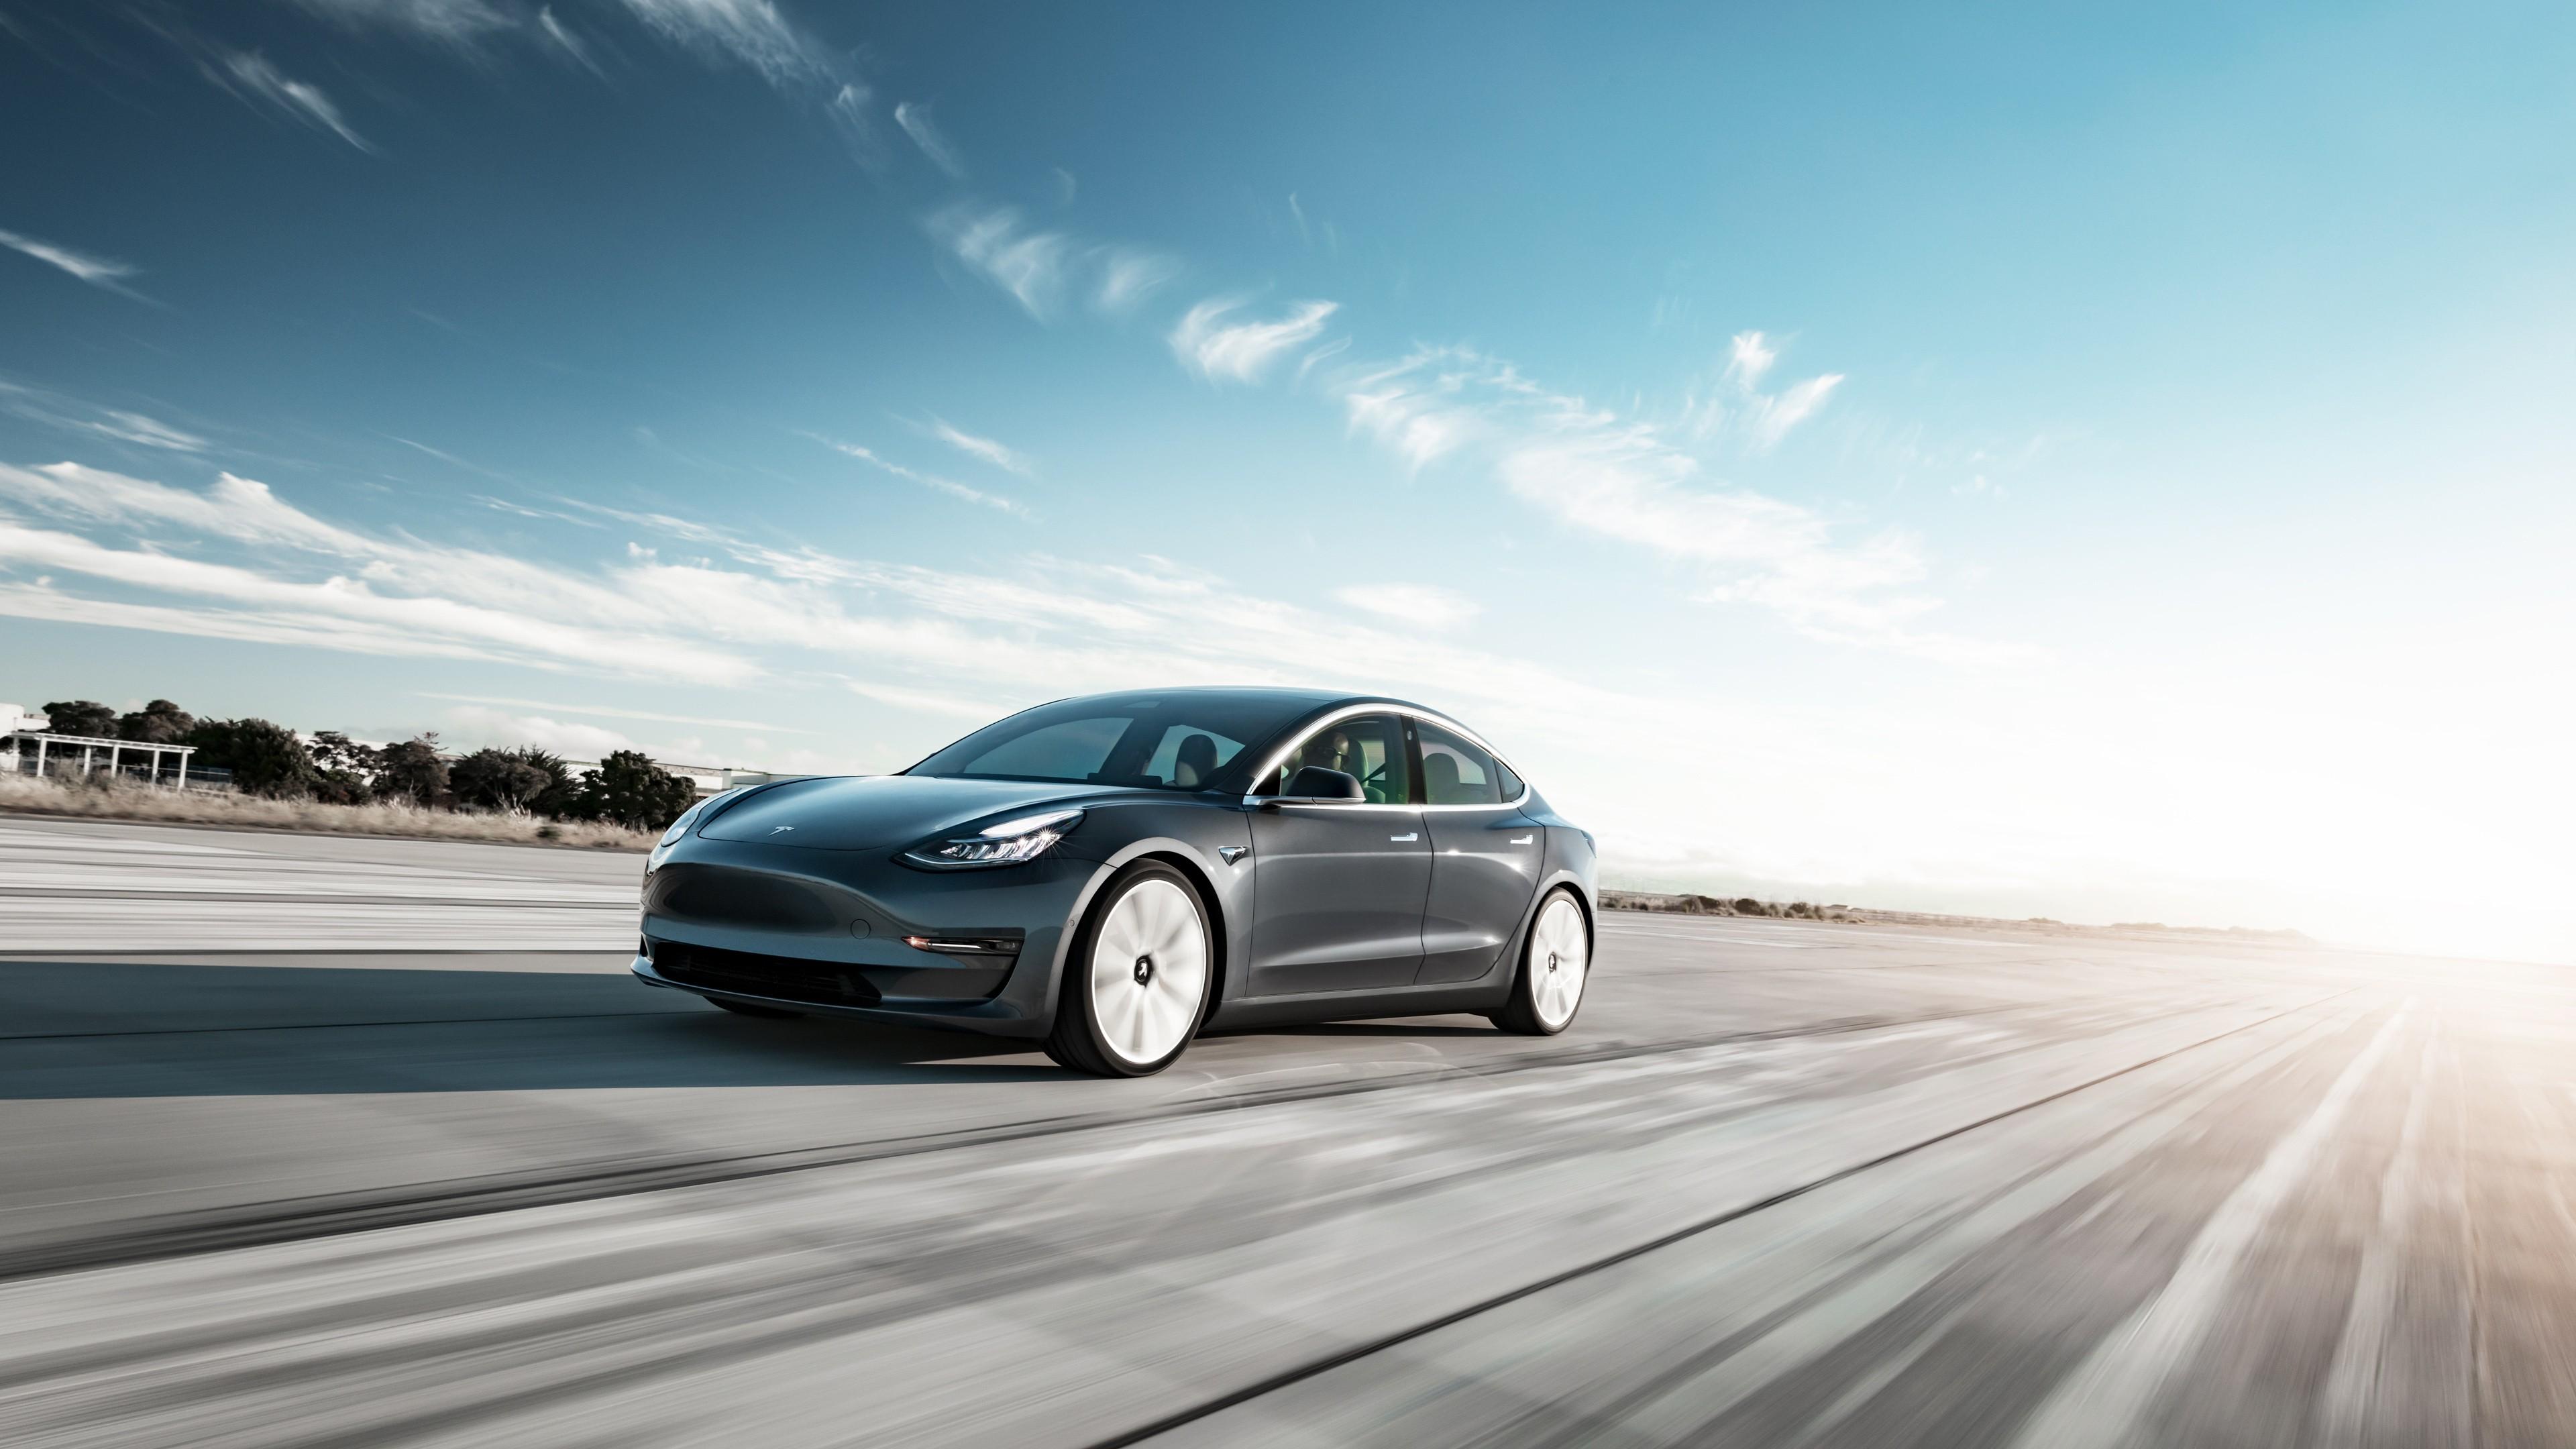 2018 Tesla Model 3 4k Wallpaper Hd Car Wallpapers Id 11243